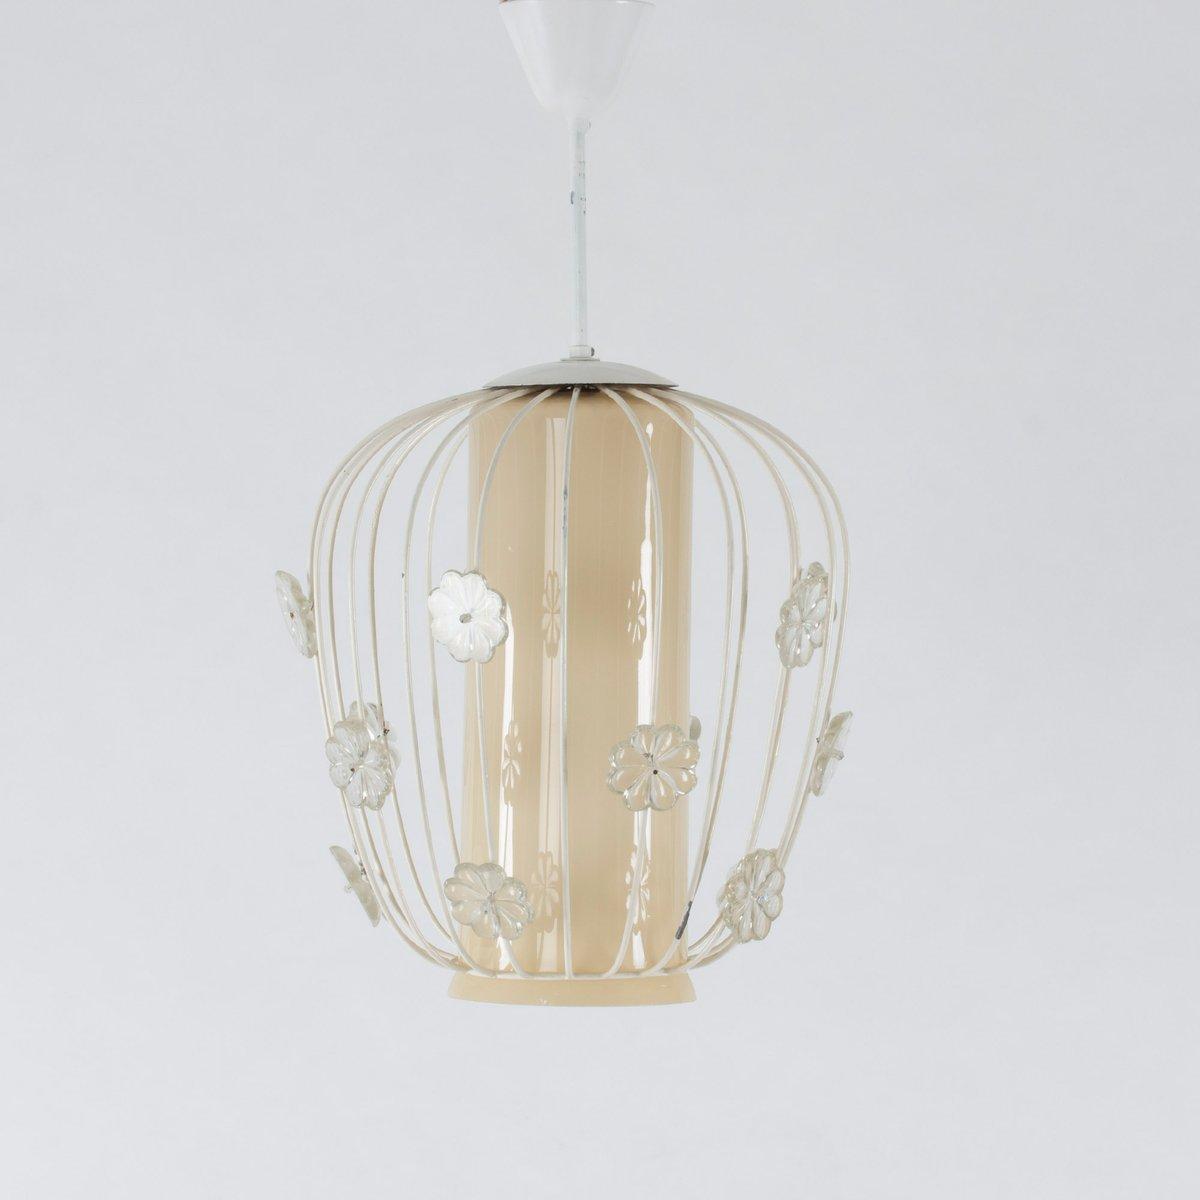 schwedische deckenlampe aus glas lackiertem metall 1950er bei pamono kaufen. Black Bedroom Furniture Sets. Home Design Ideas